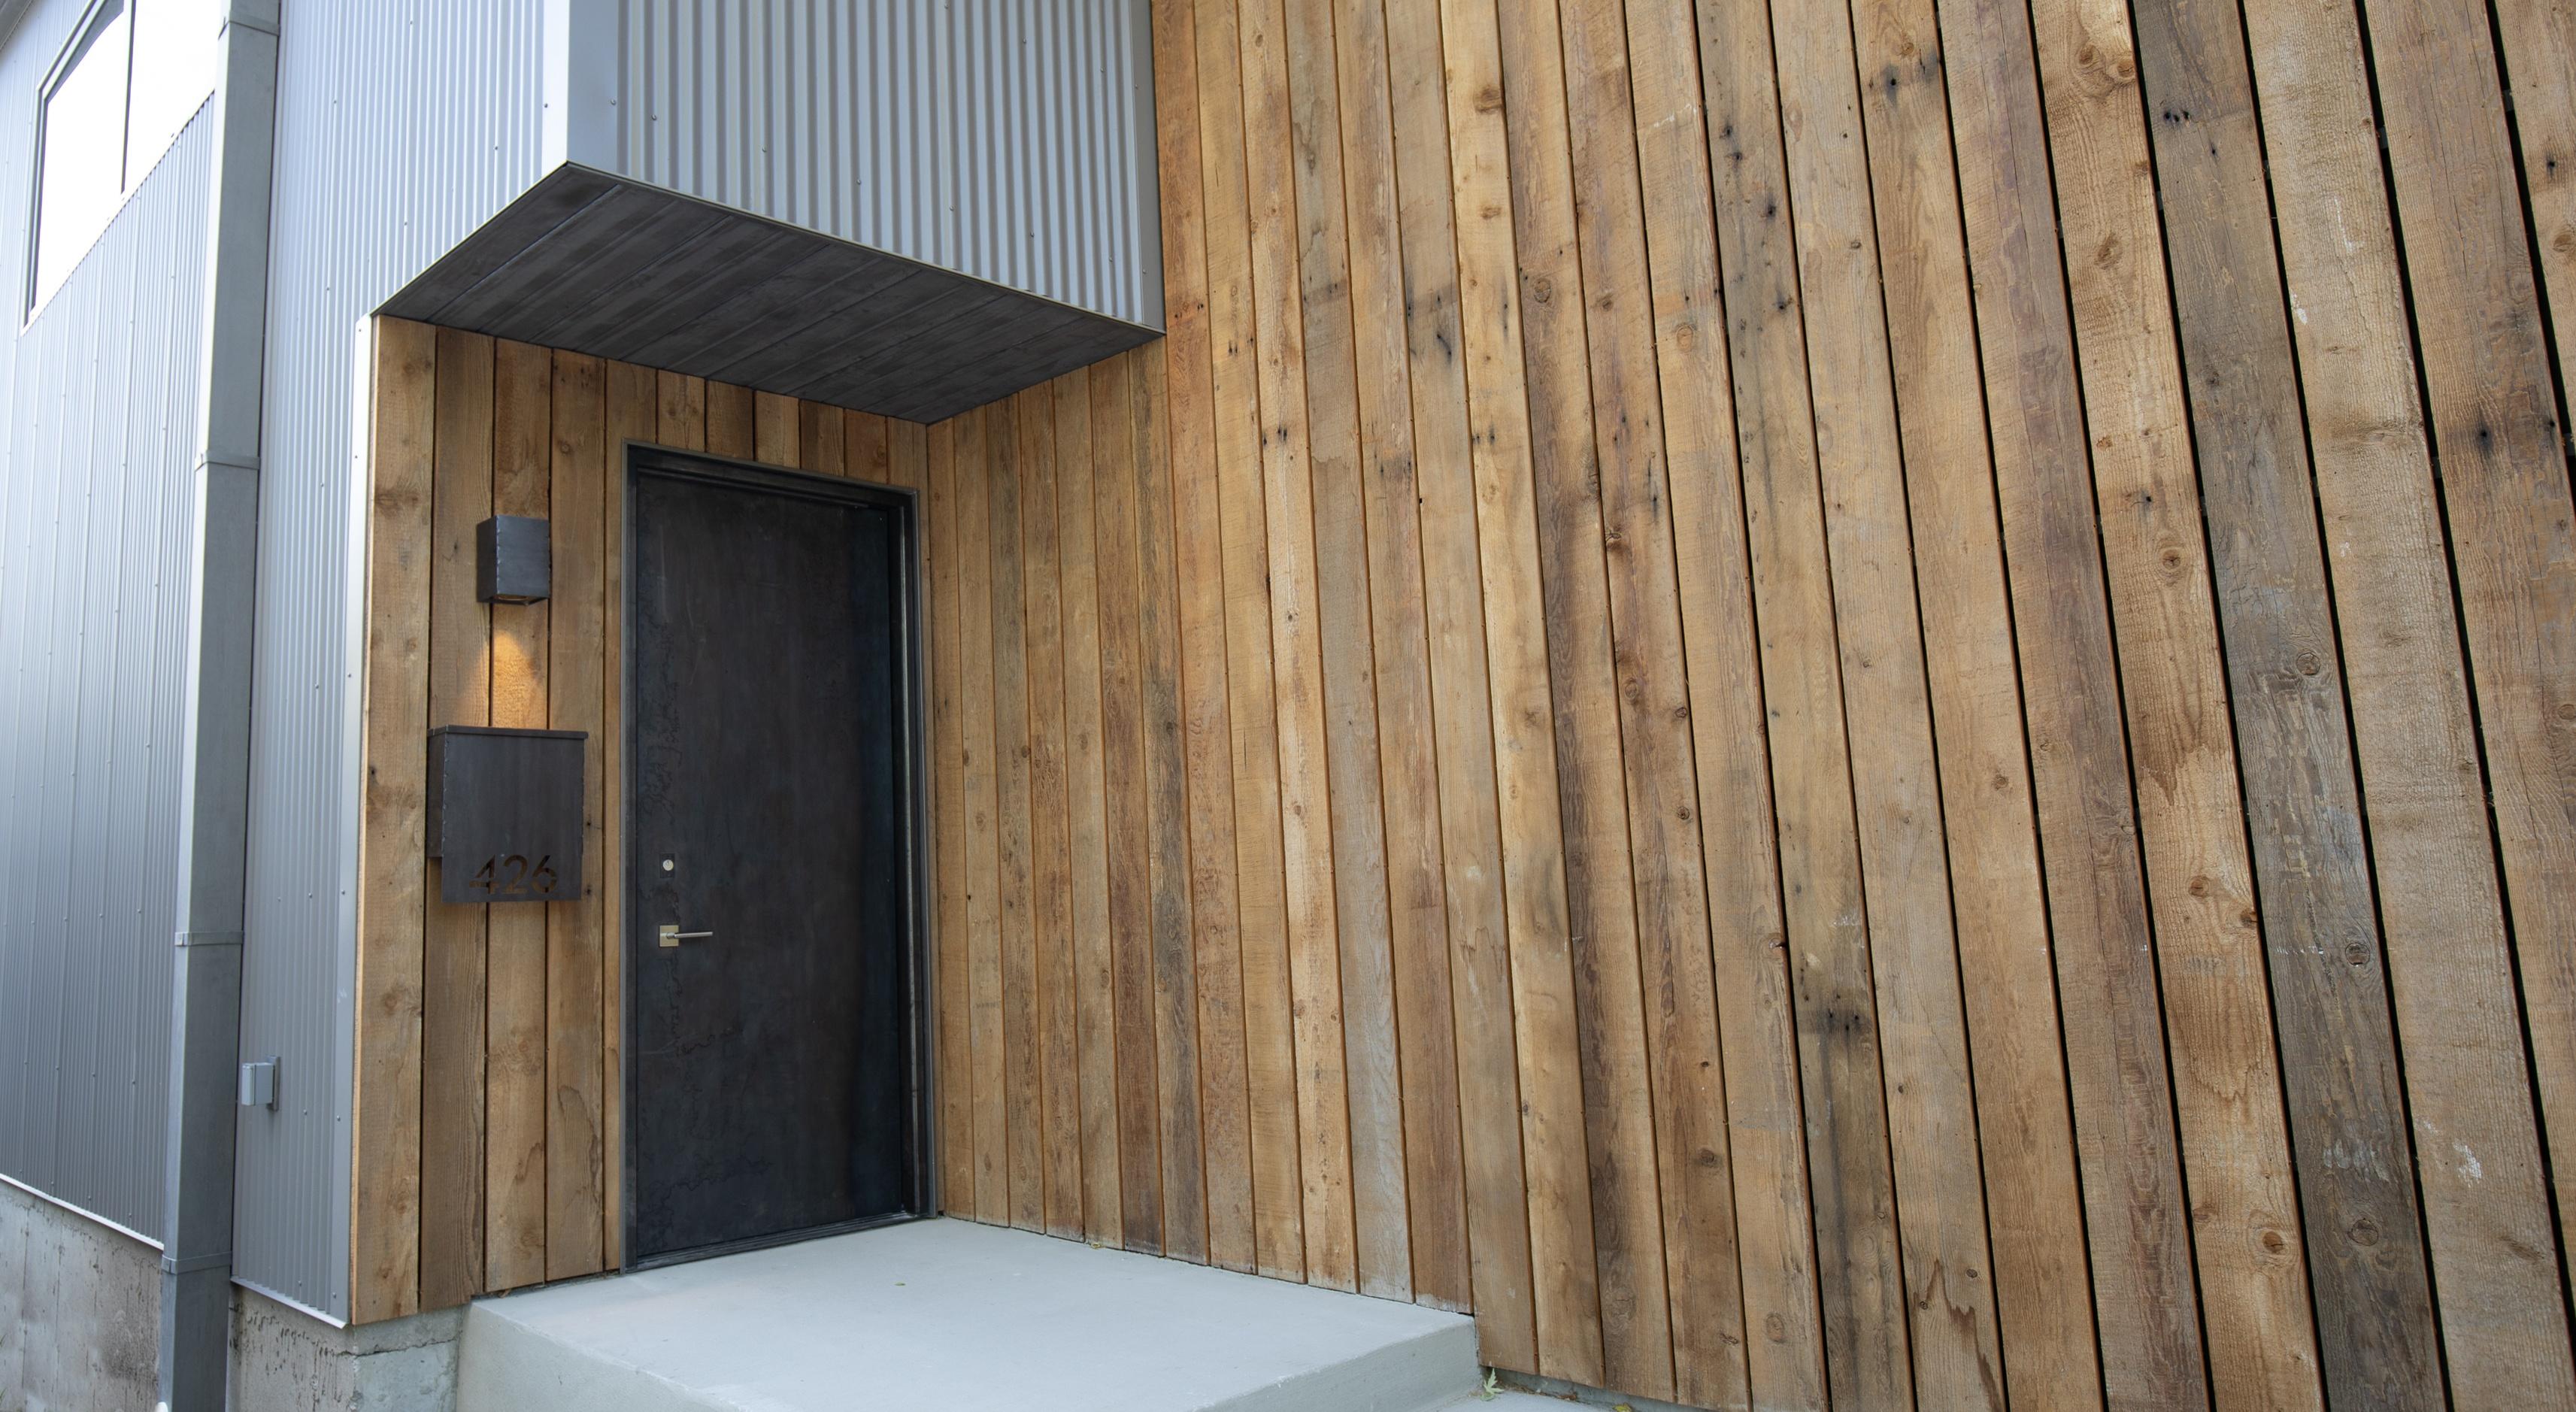 corrugated bonderized steel siding